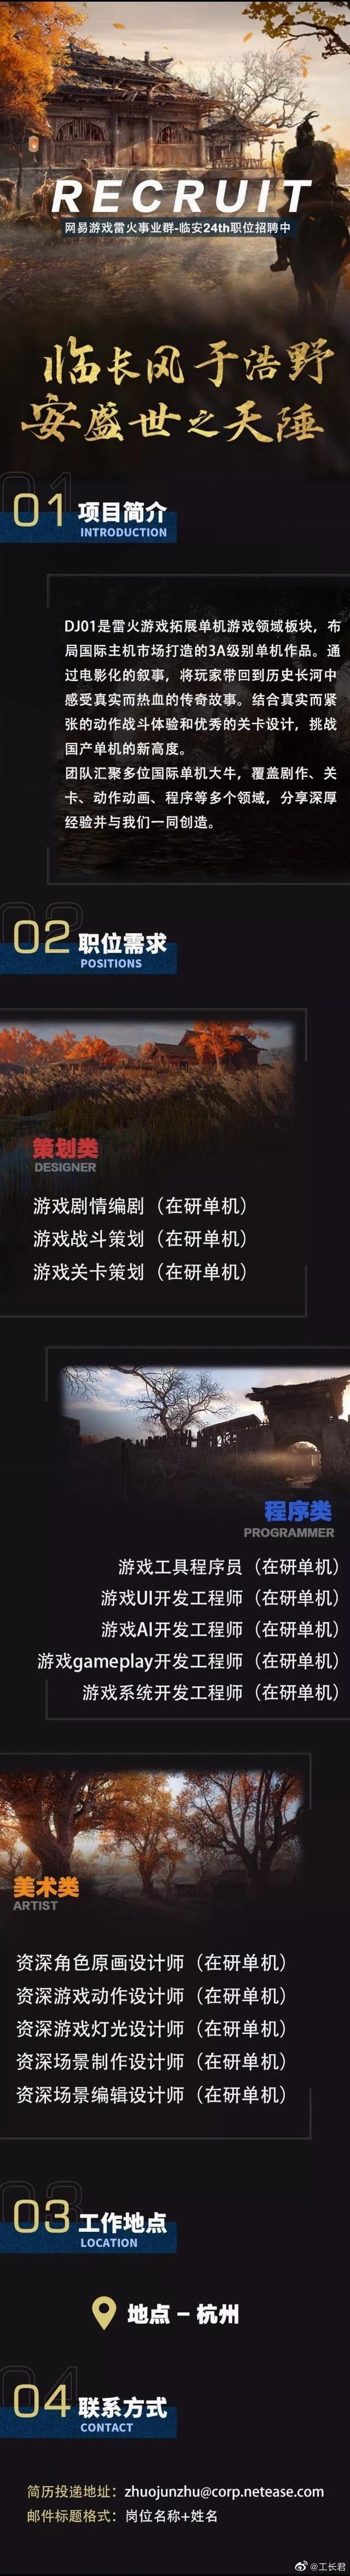 工长君发布网易雷火24th招聘 多个单机项目启动